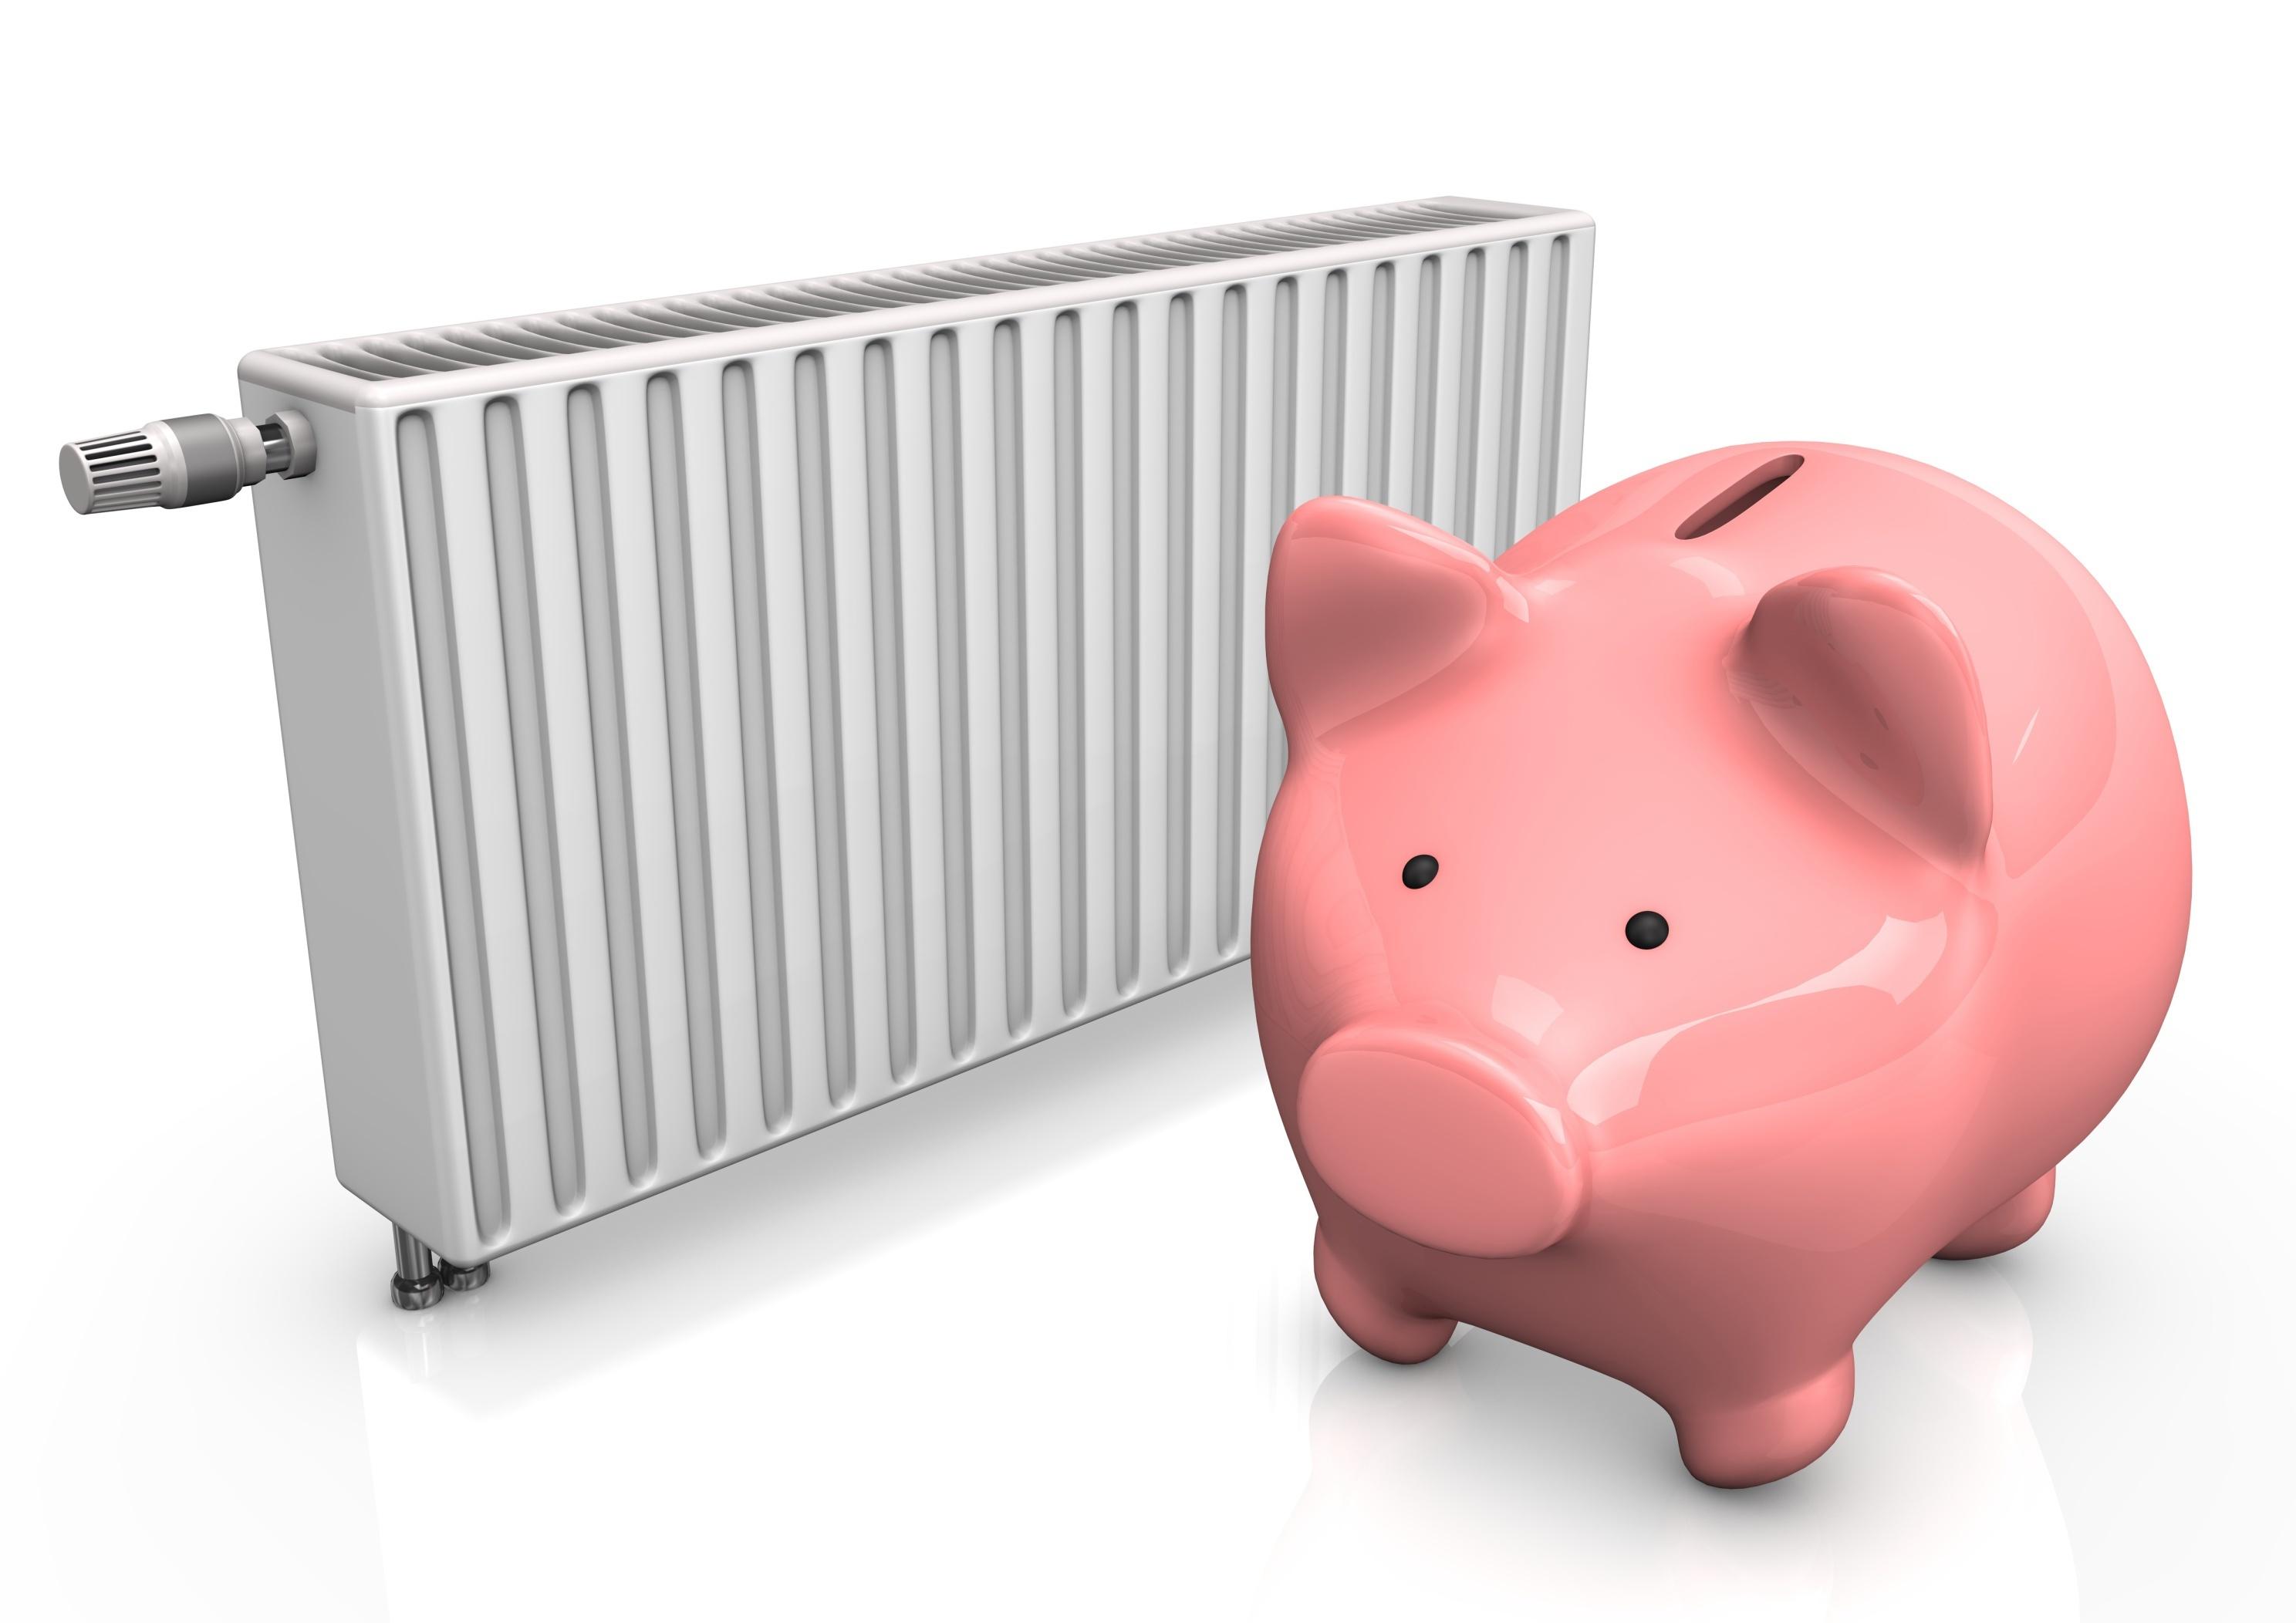 uspory radiator